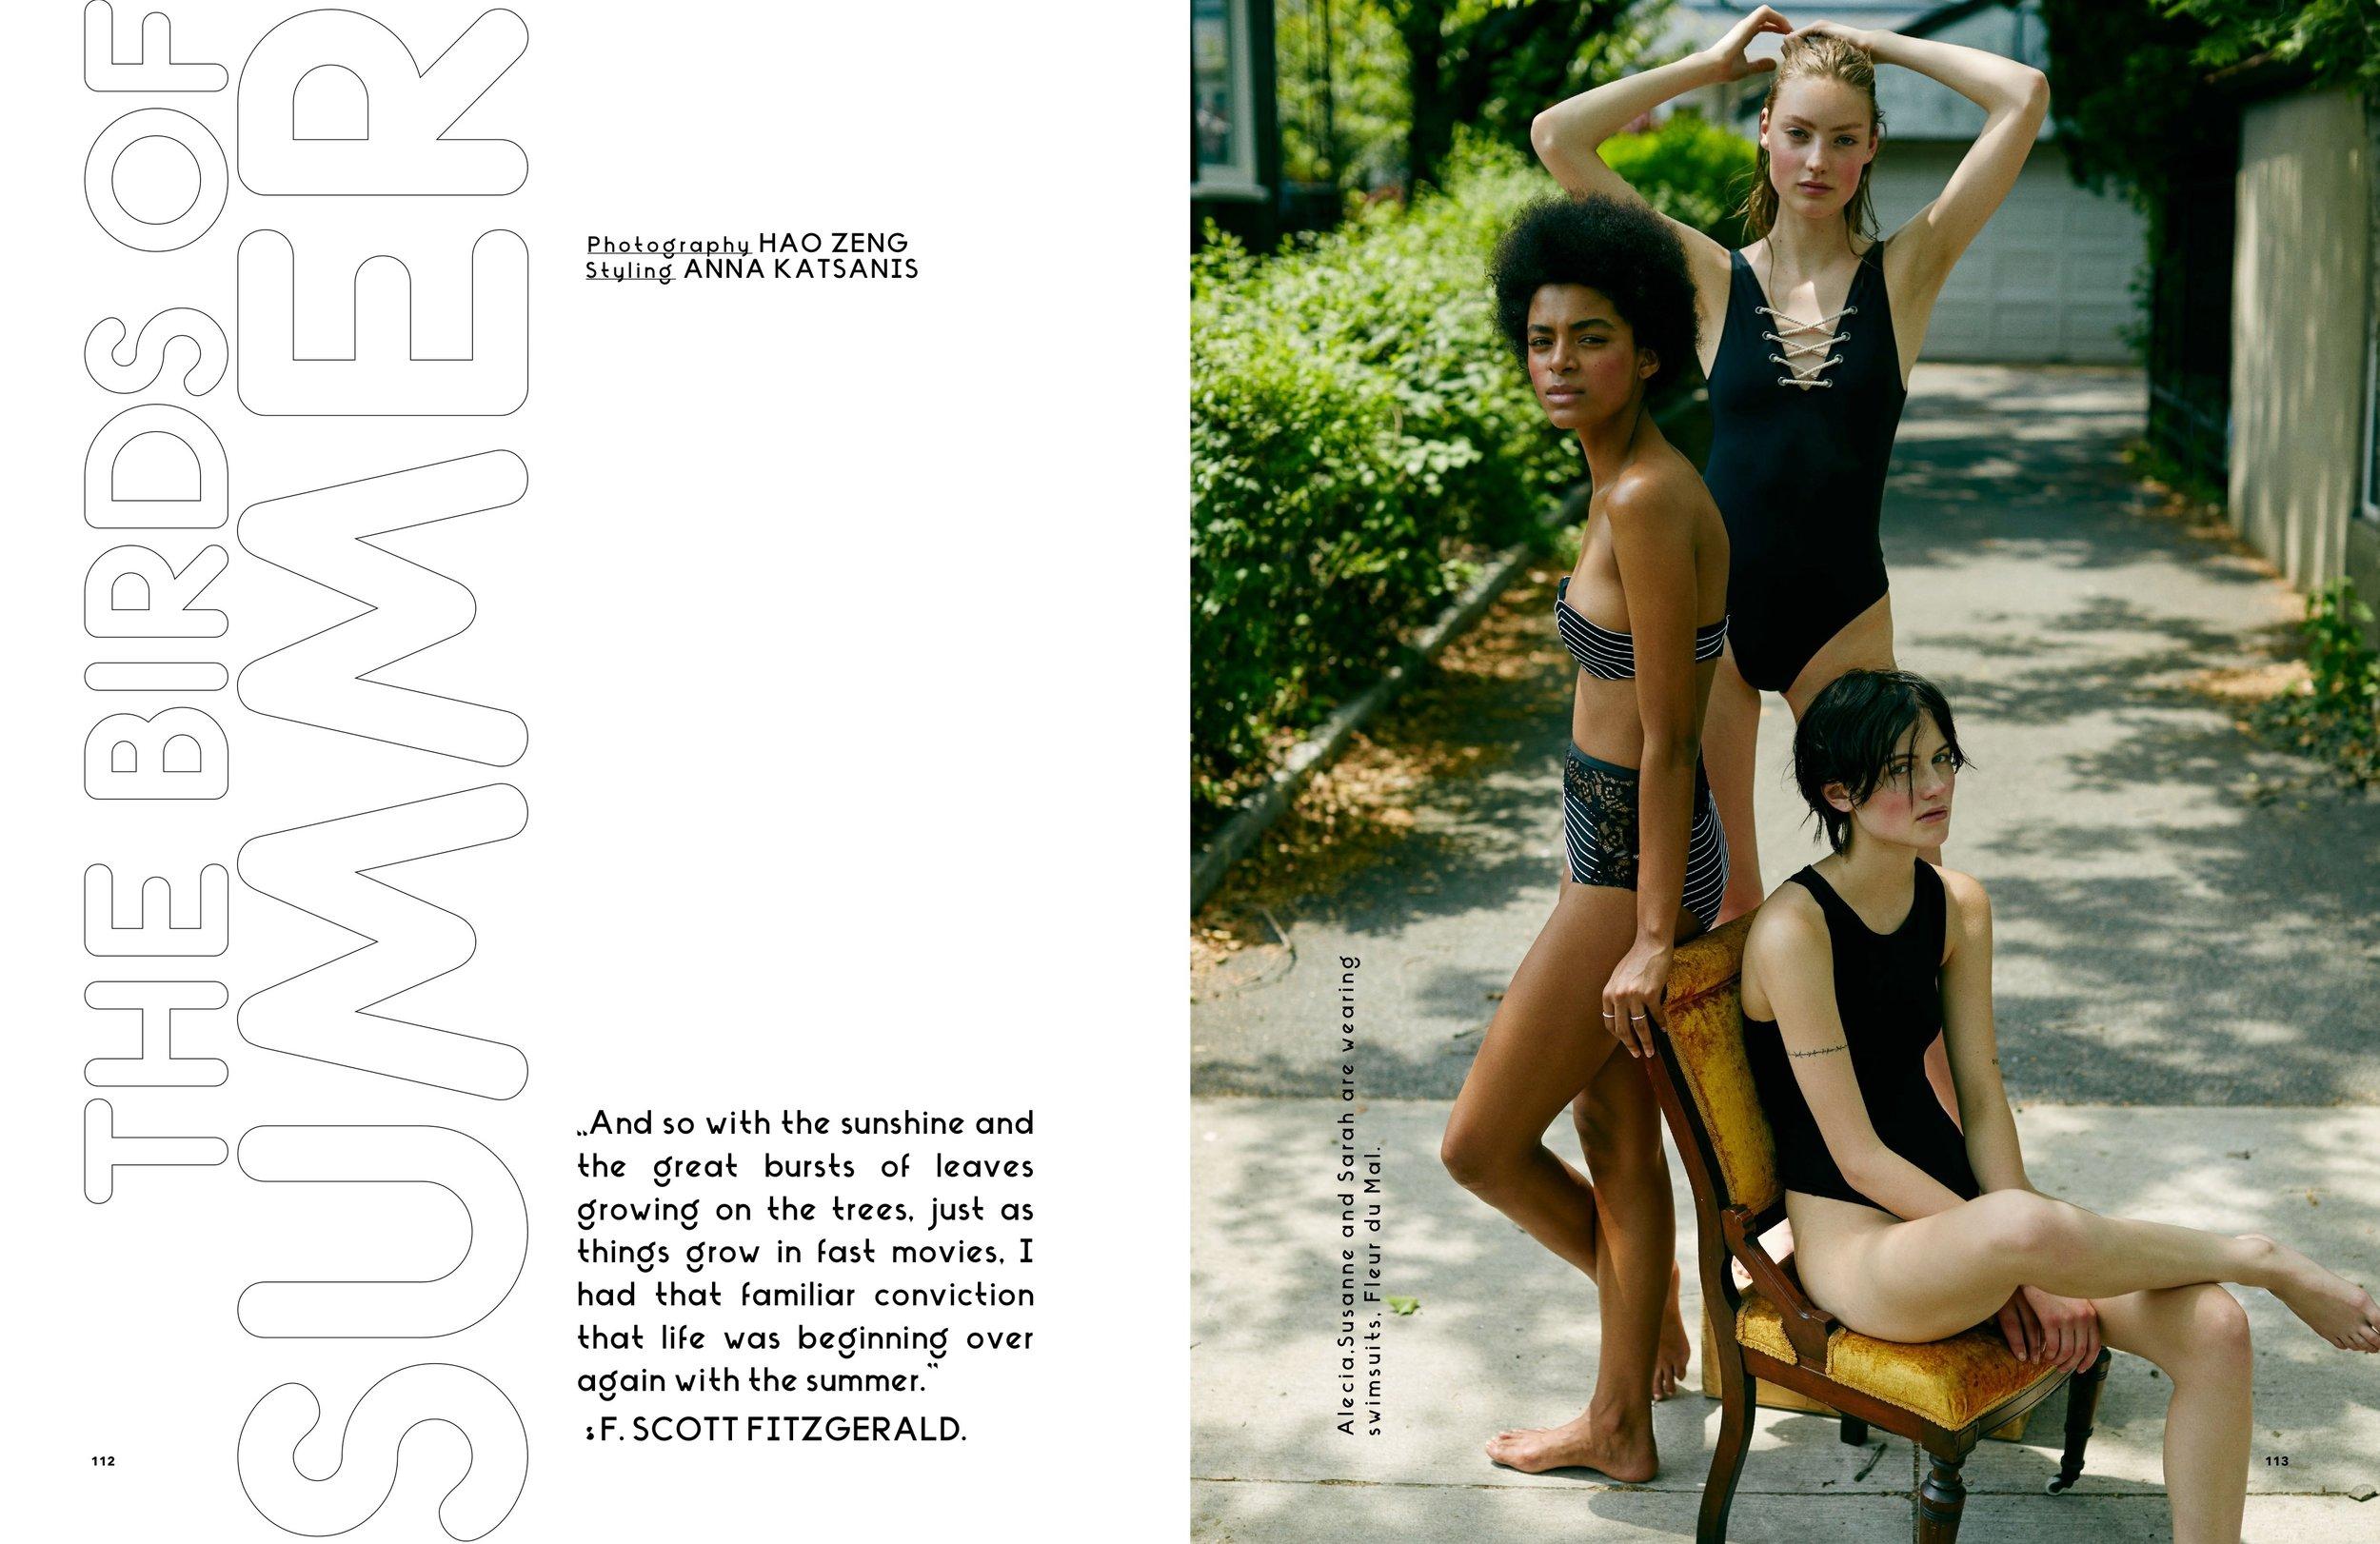 BLVD Magazine Hao Zheng